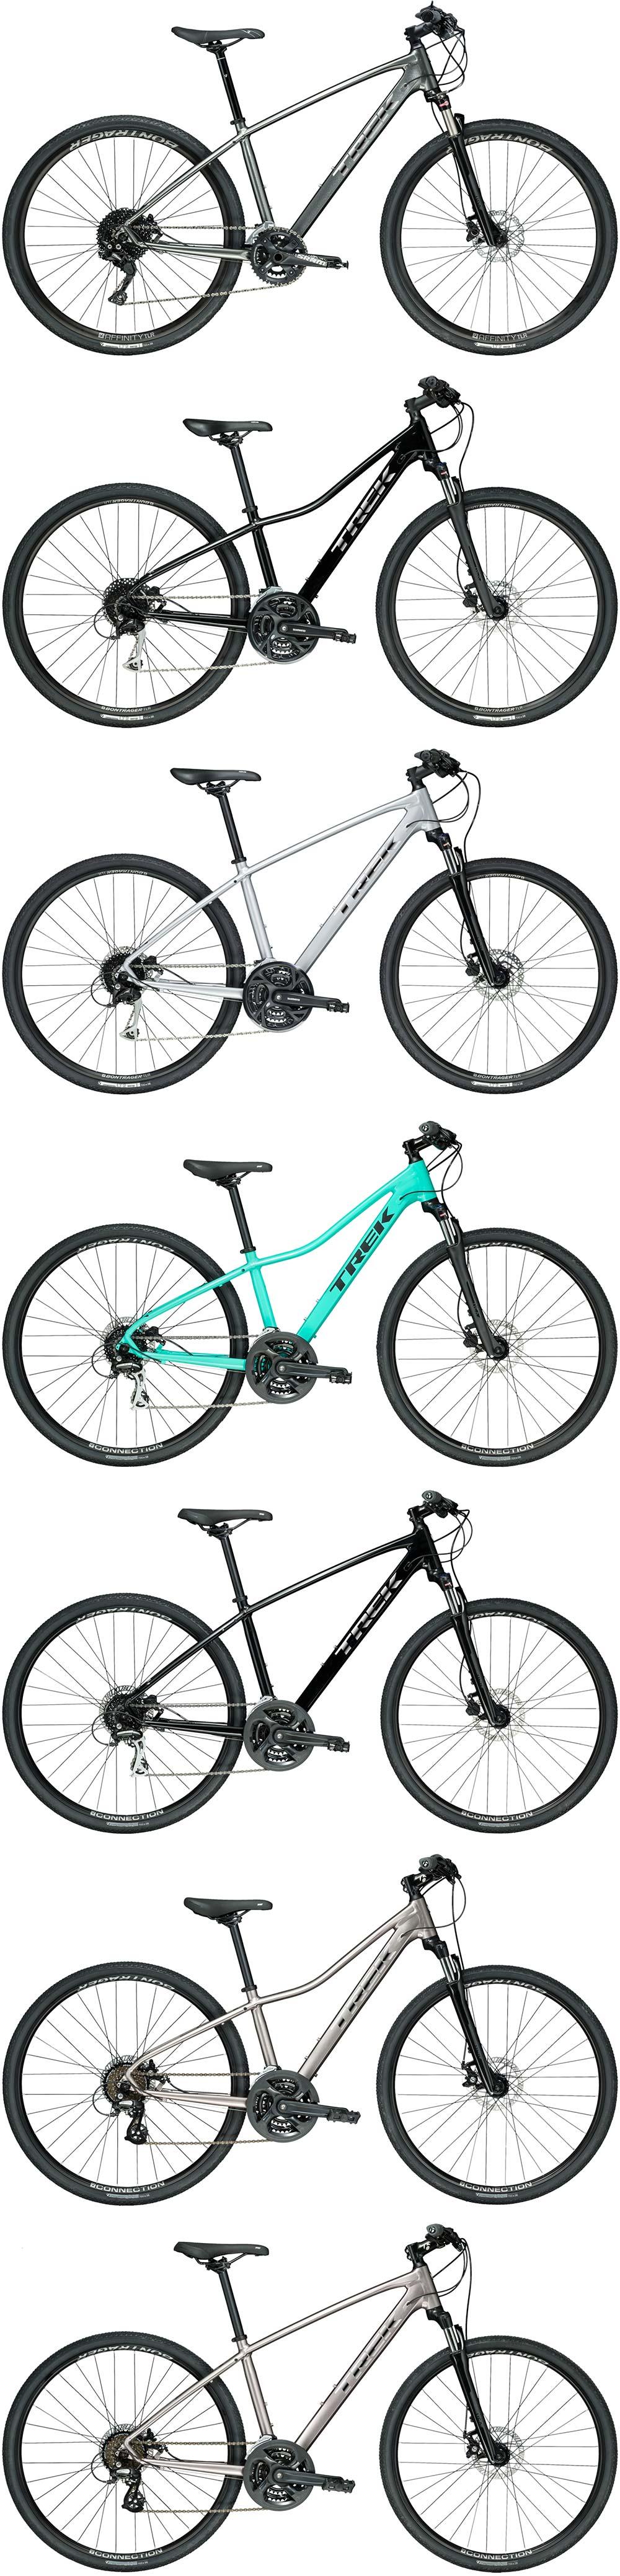 En TodoMountainBike: Trek Dual Sport, una bicicleta híbrida para desplazamientos urbanos y campestres